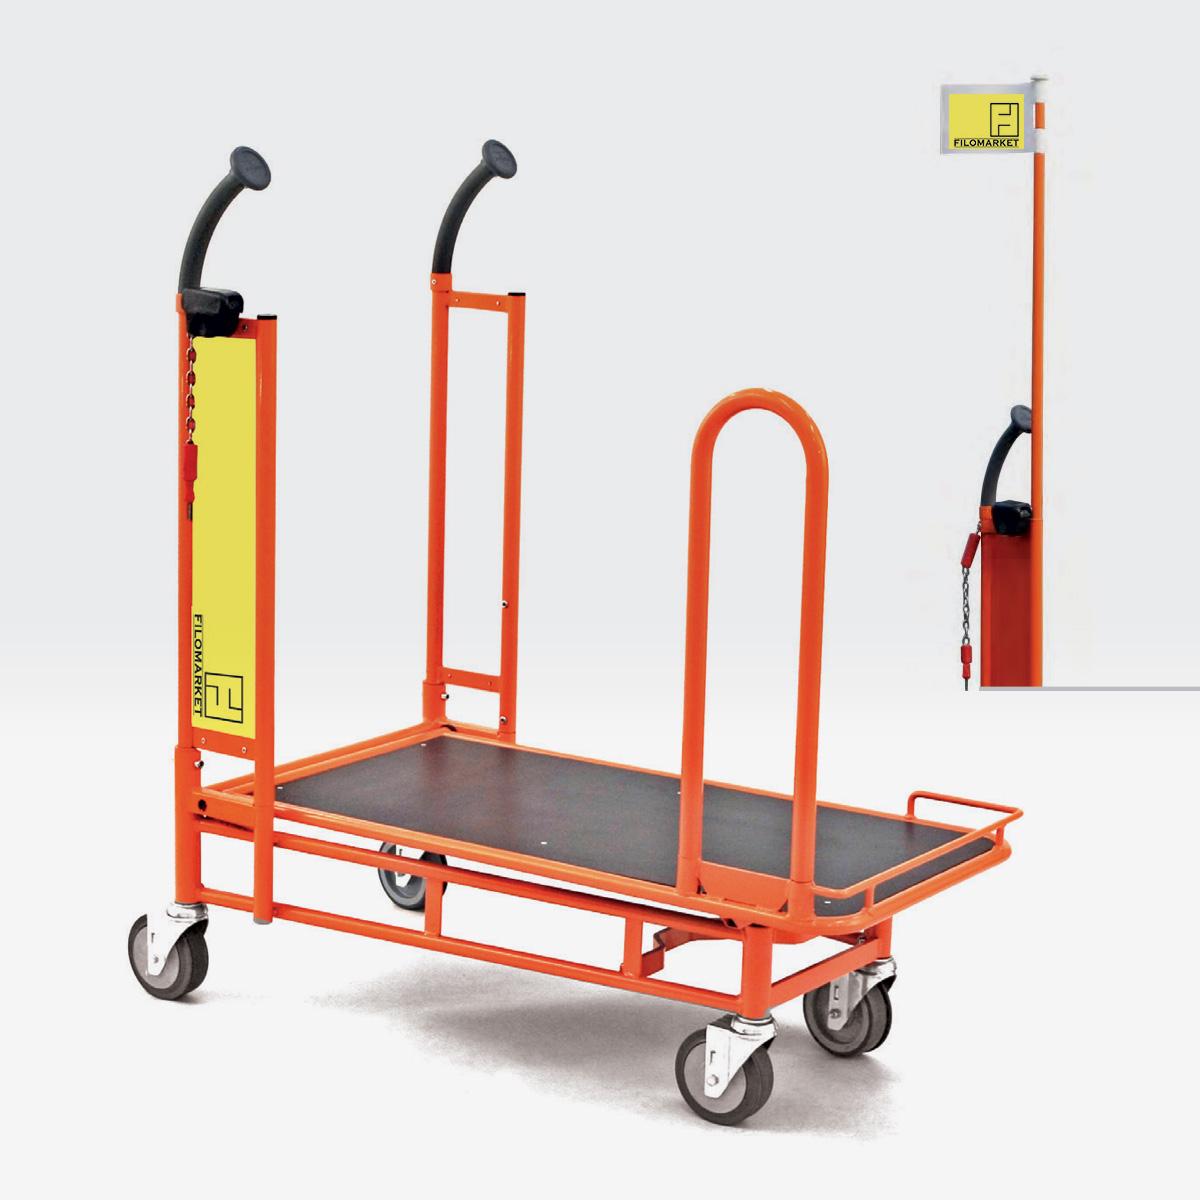 Carrello per magazzino con ruote CARRY 90 per tappeto mobile